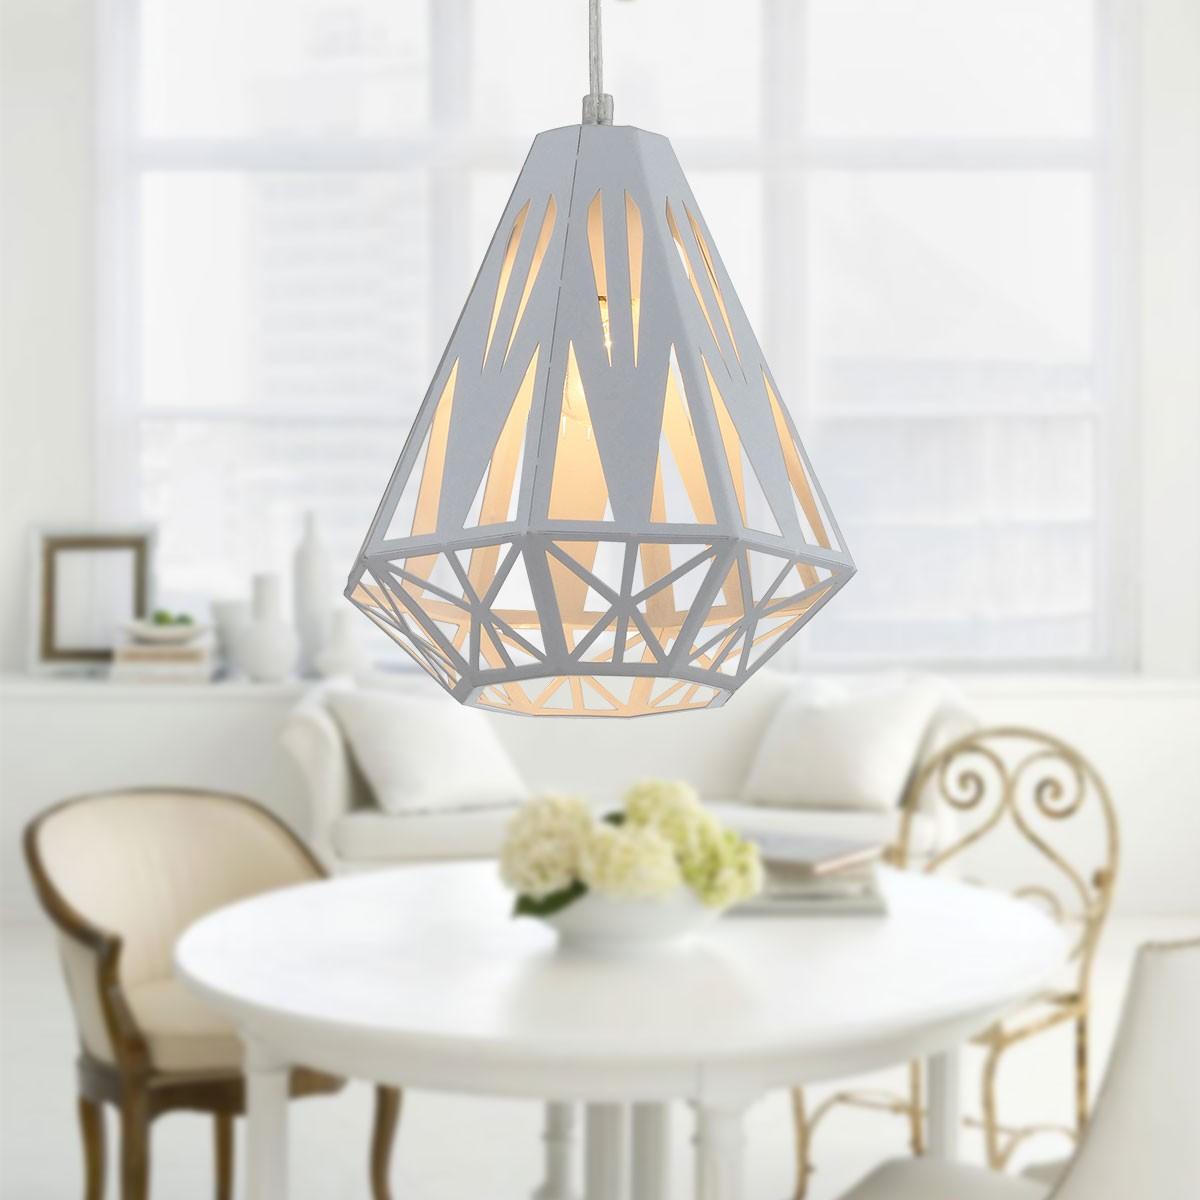 1-Light White Iron Modern Pendant Light (HKP31428-1)